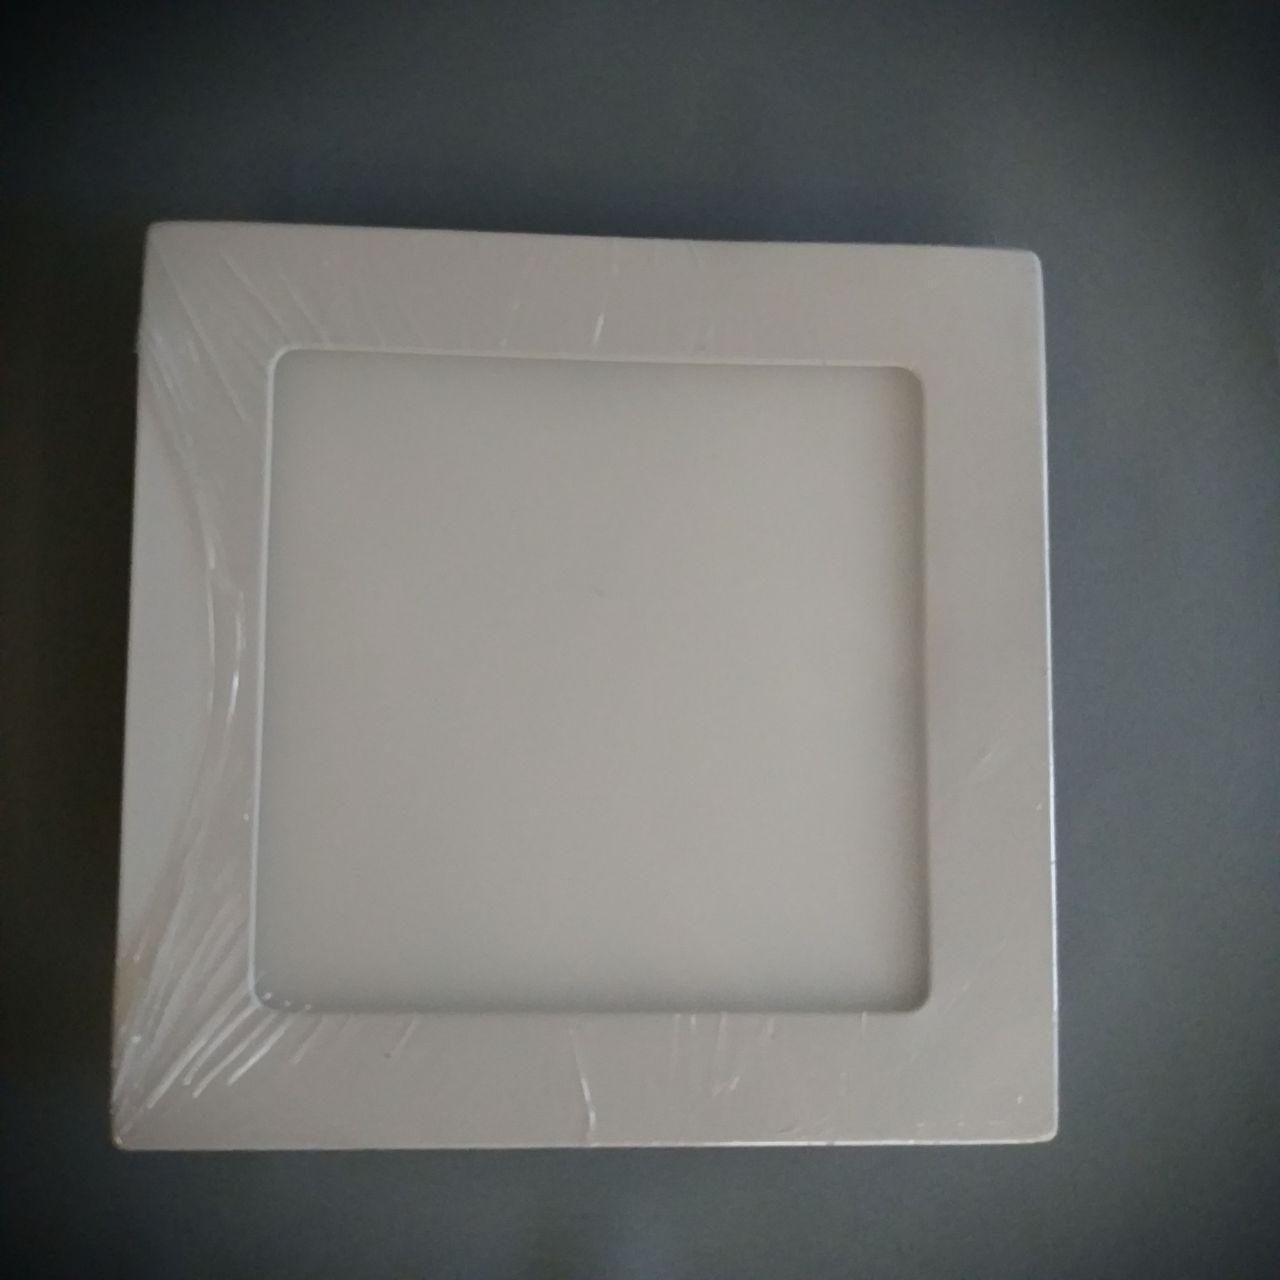 Светодиодная панель 12 вт квадрат врезной 4000К SL PANEL 12W-SQ 4000K 70Lm